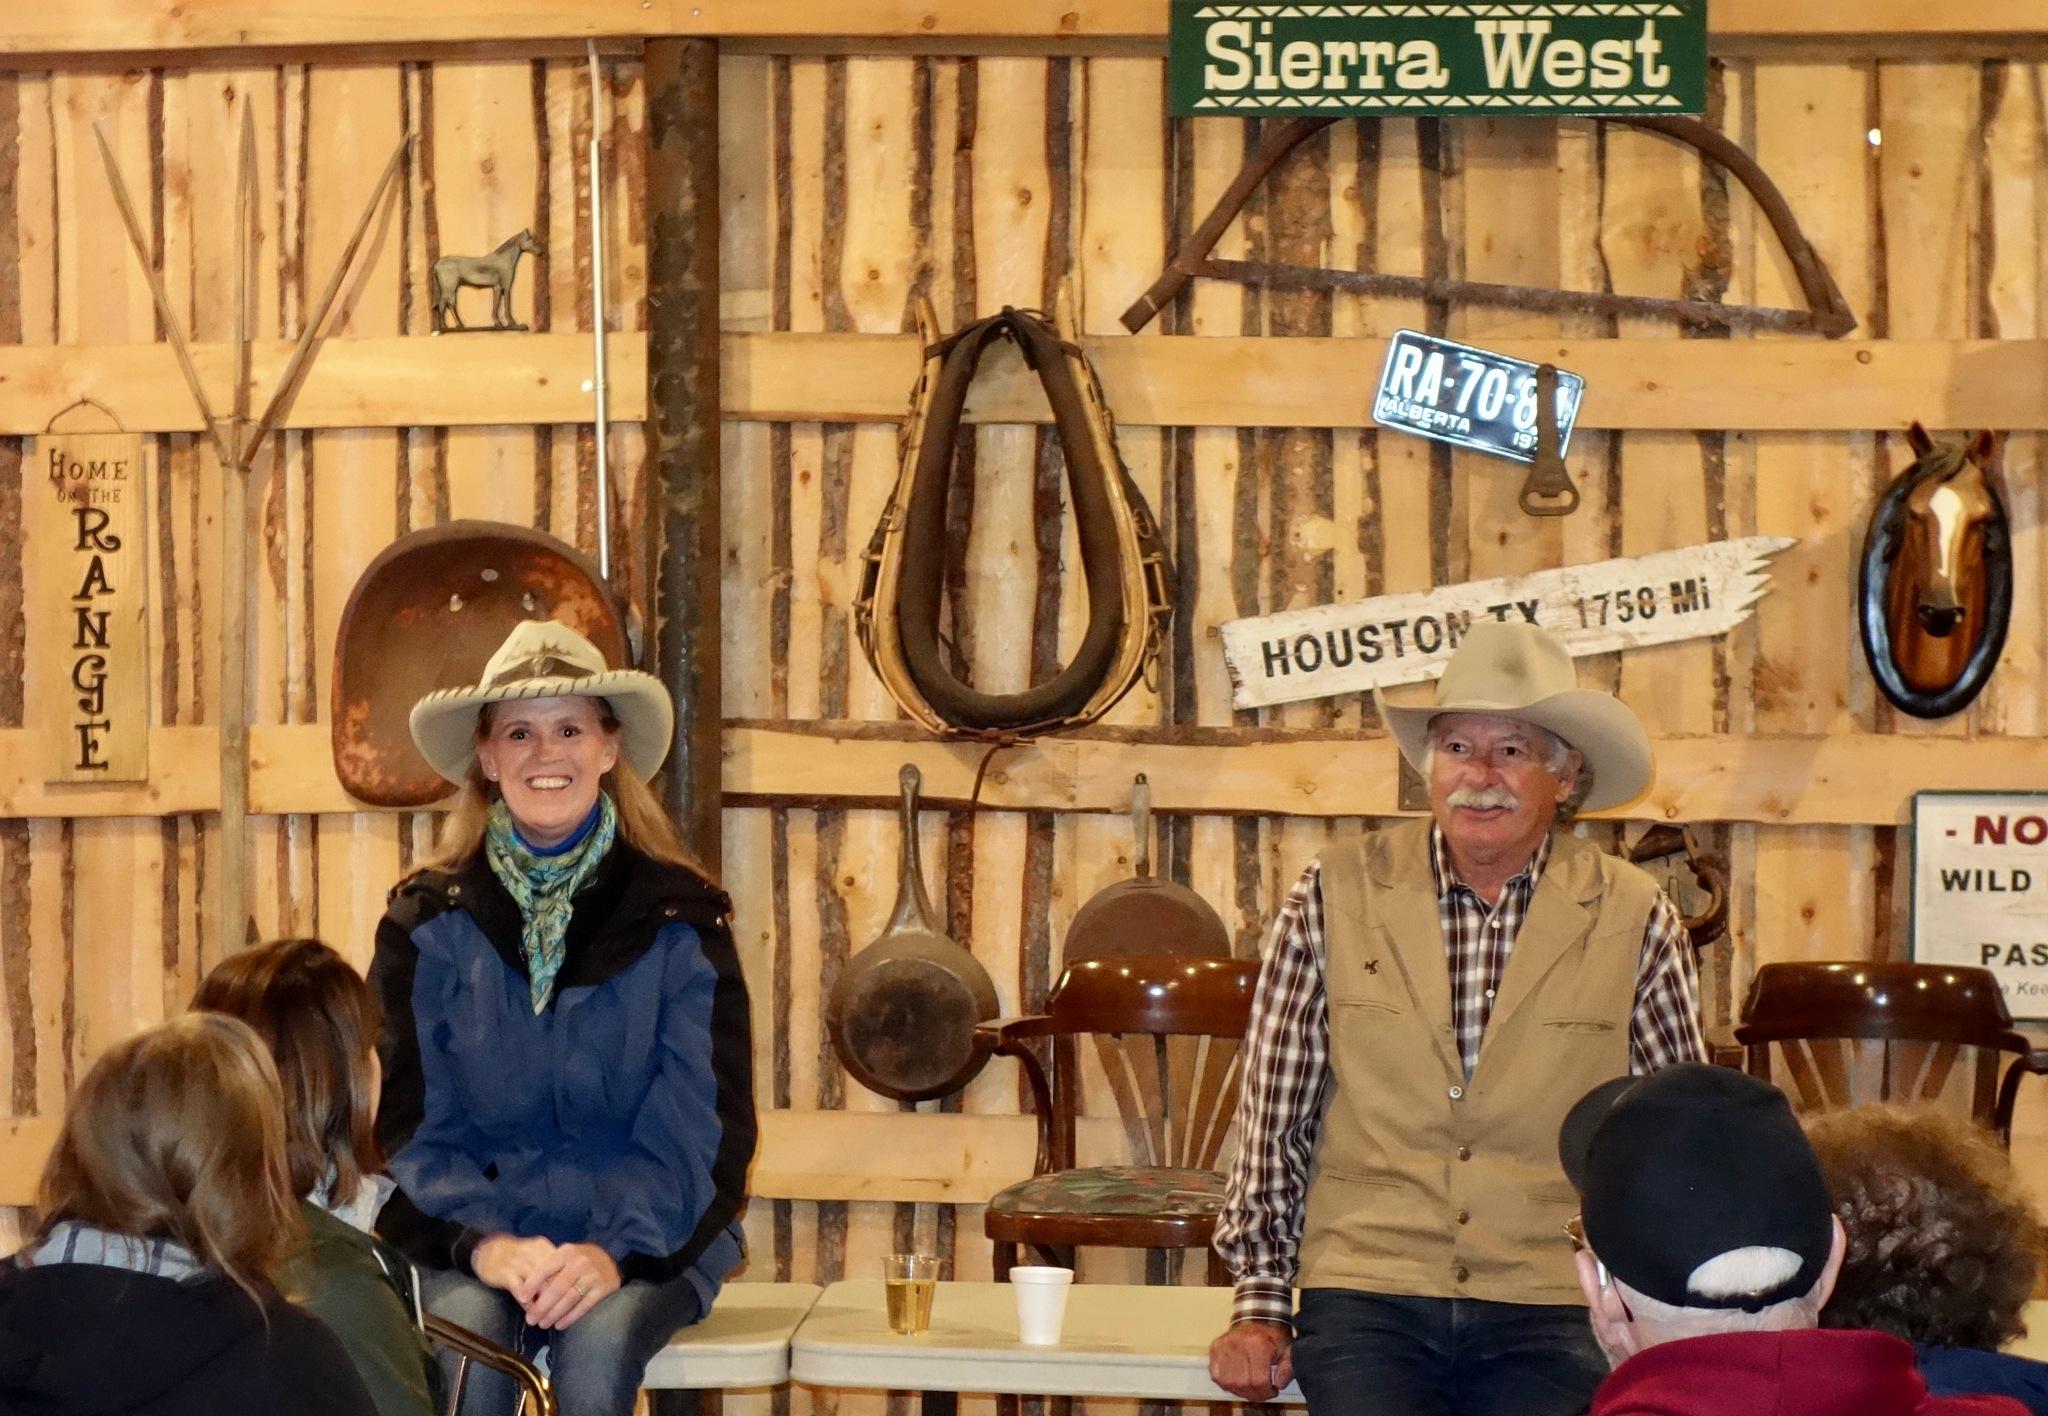 Sierra West Ranch 8 by Martin M Kaplan